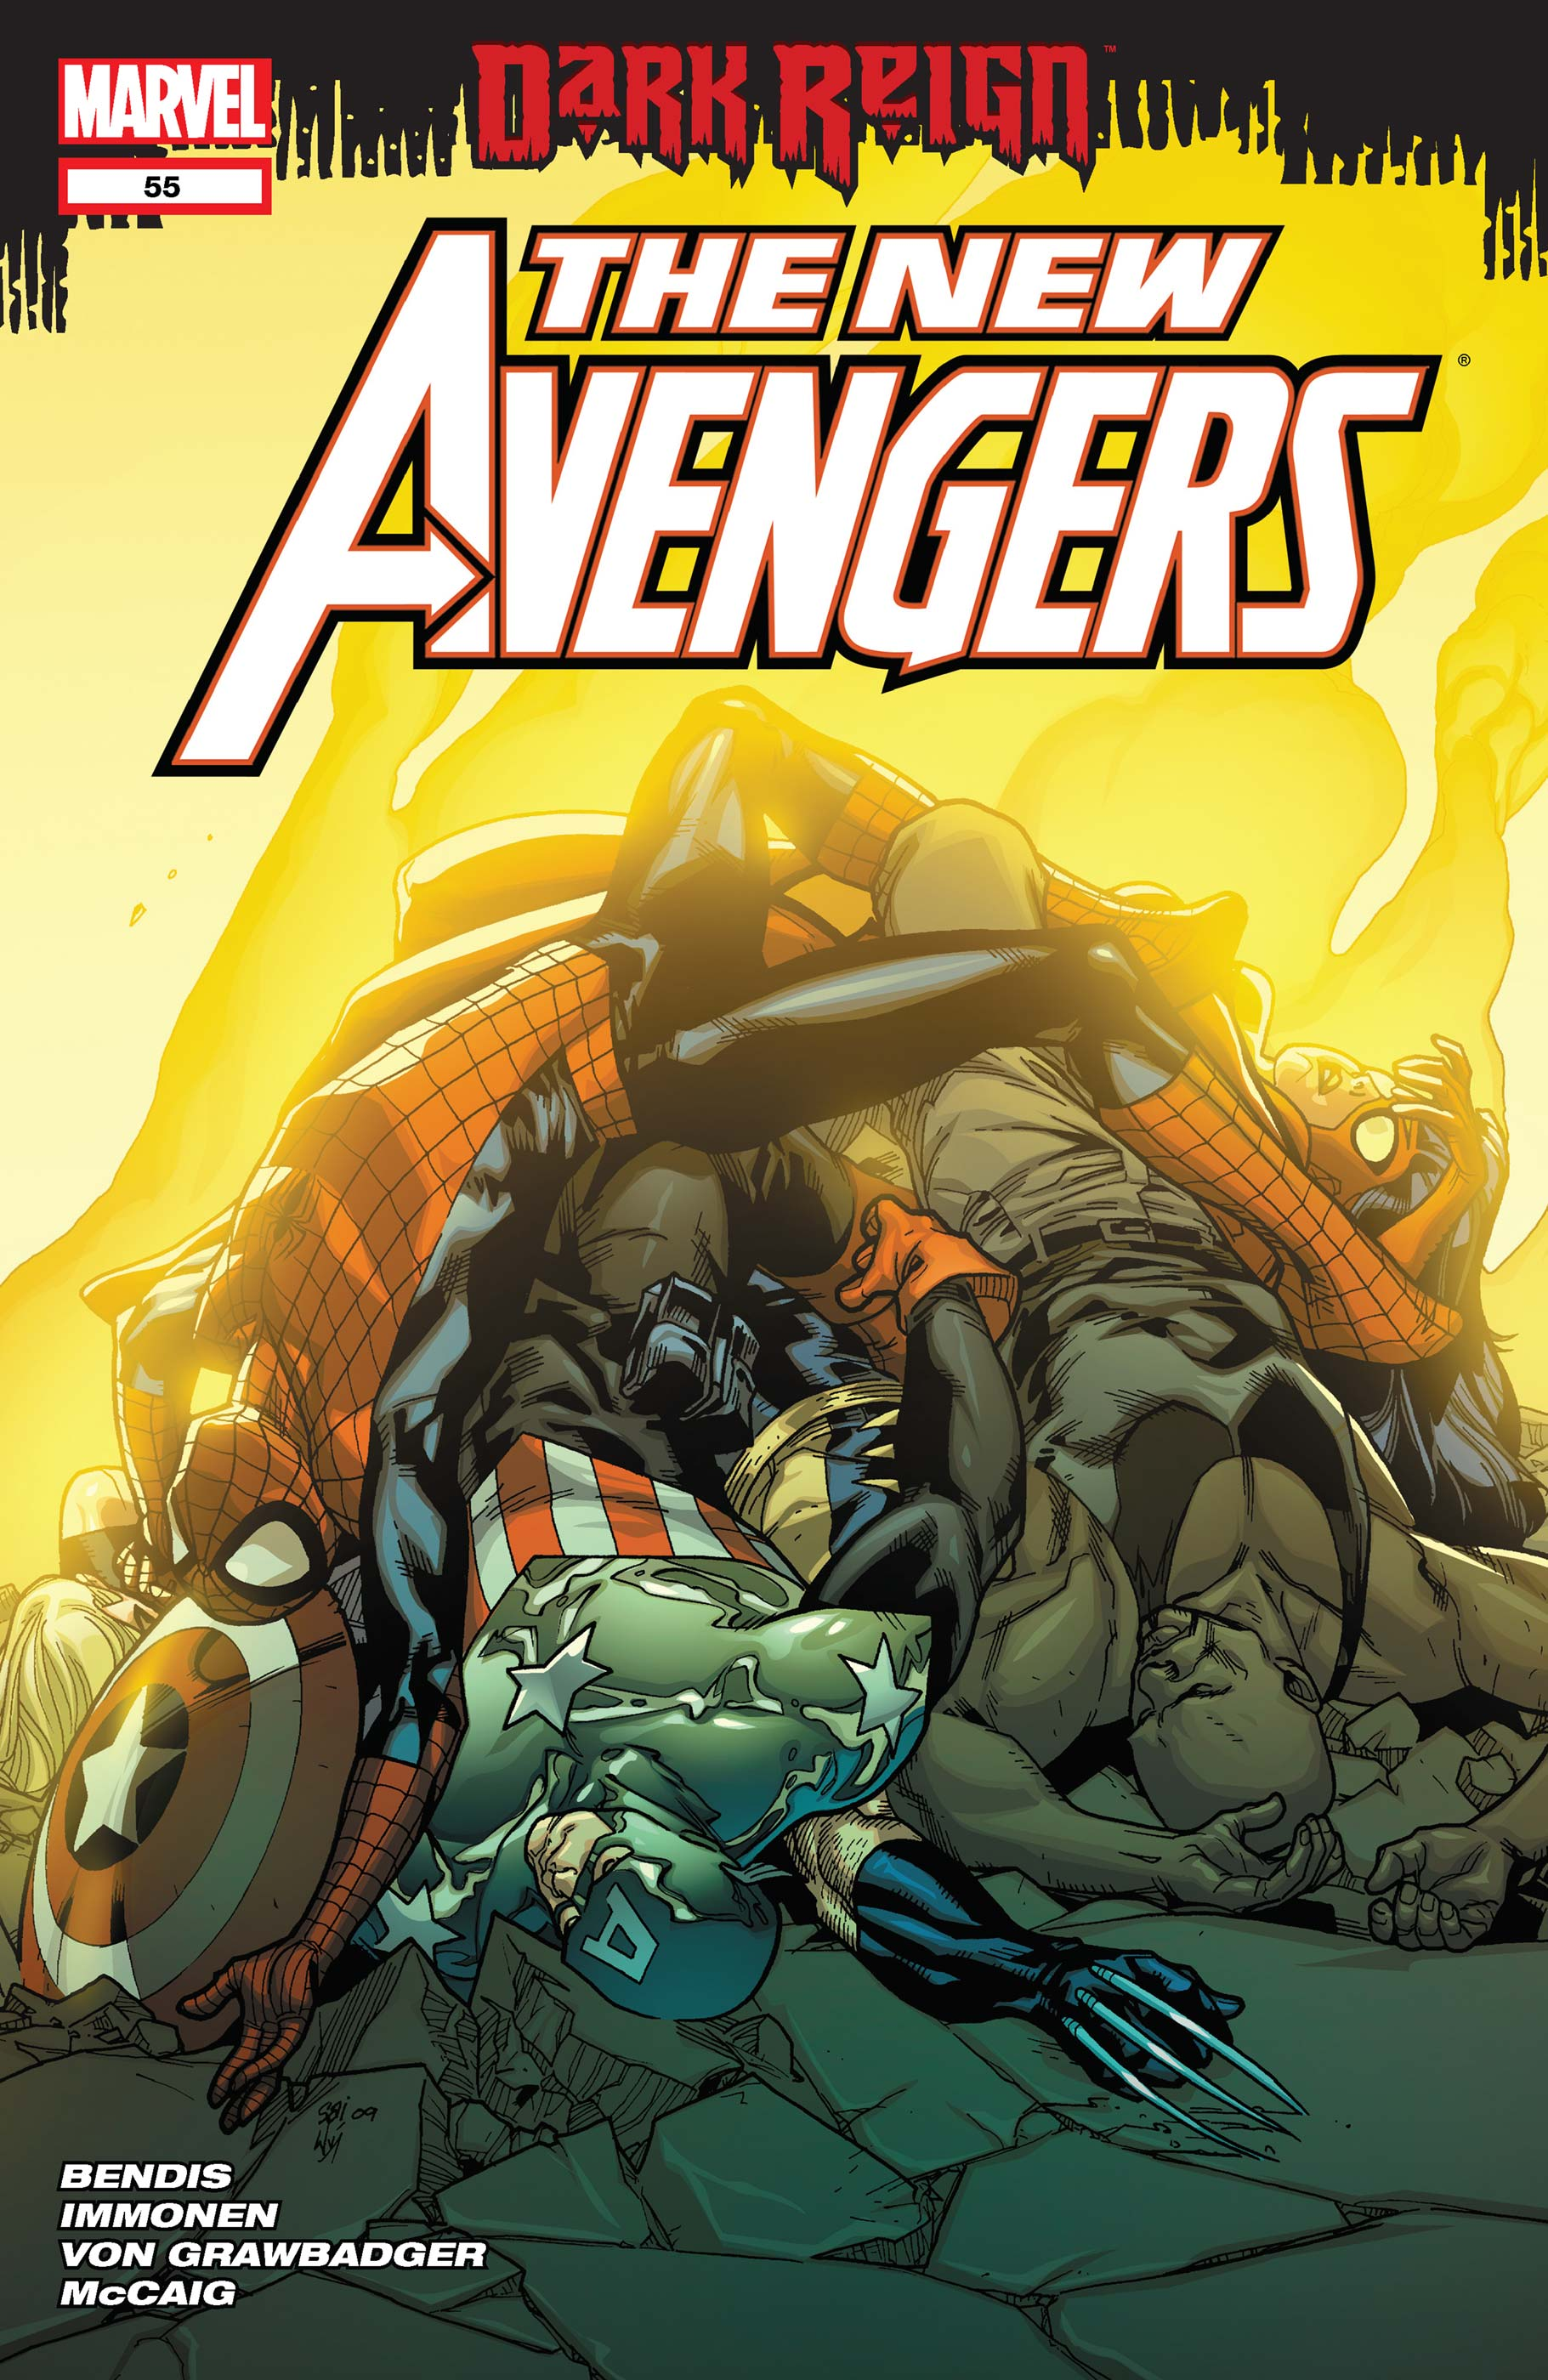 New Avengers (2004) #55